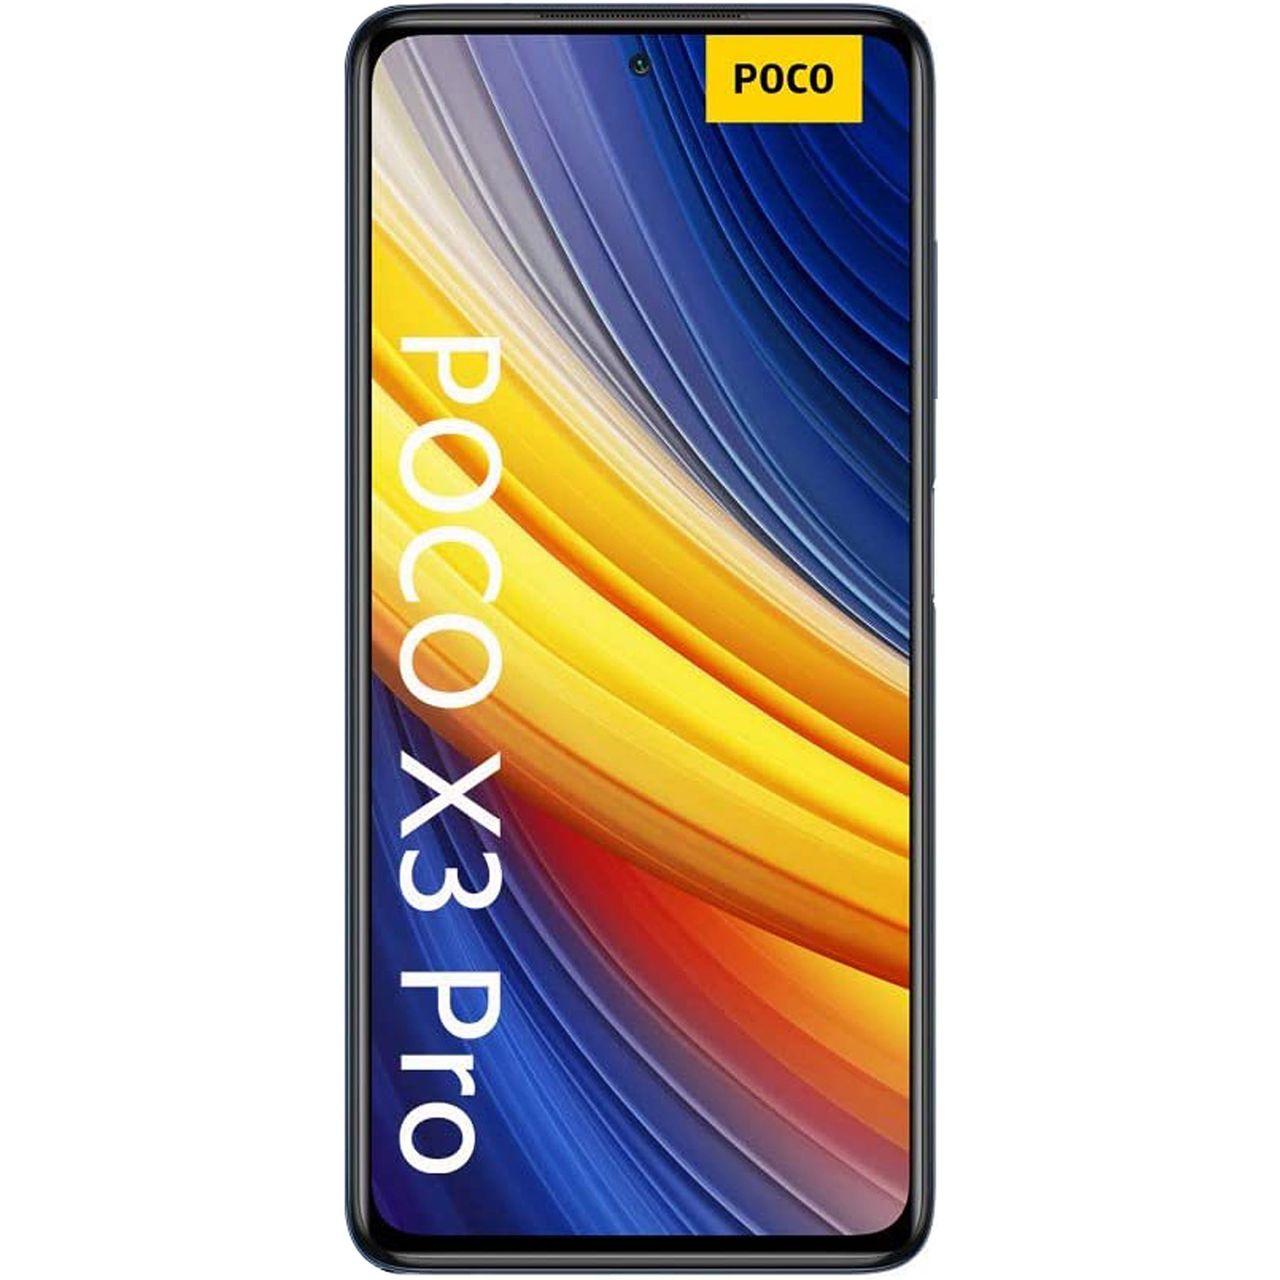 گوشی موبایل شیائومی مدل POCO X3 Pro M2102J20SG دو سیم کارت ظرفیت ۱۲۸ گیگابایت و ۶ گیگابایت رم